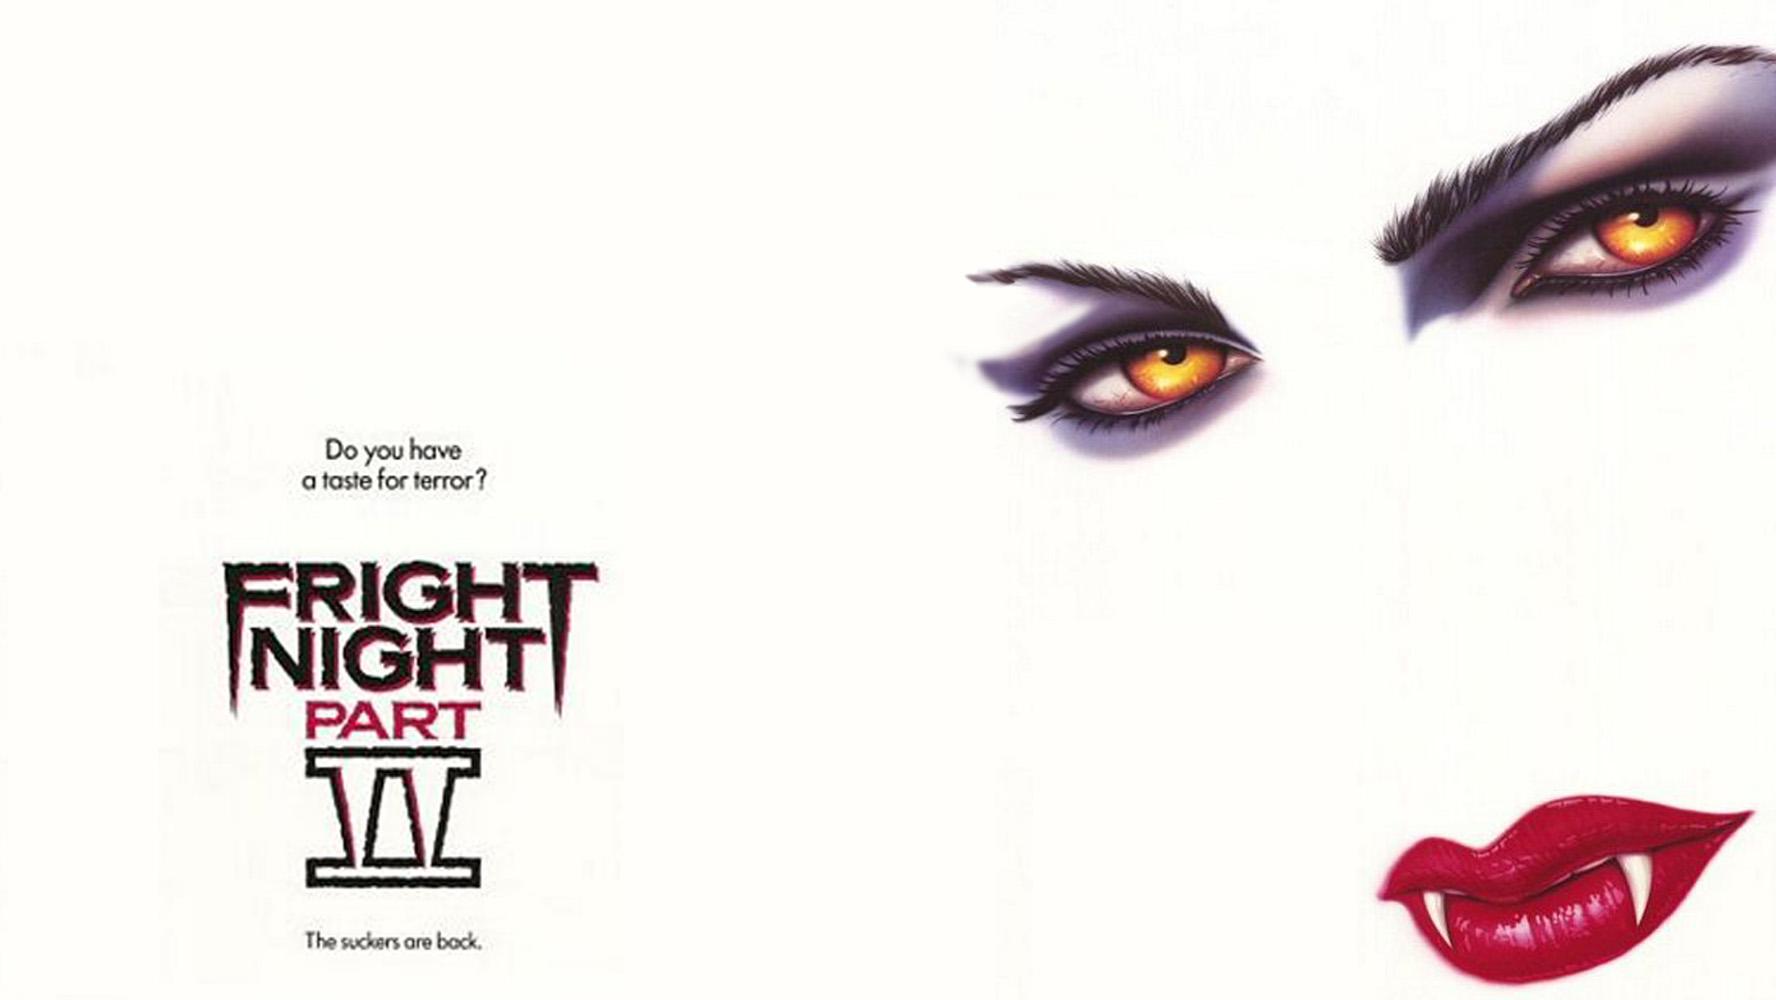 HD Wallpaper - Fright Night II by mercy1313 on DeviantArt